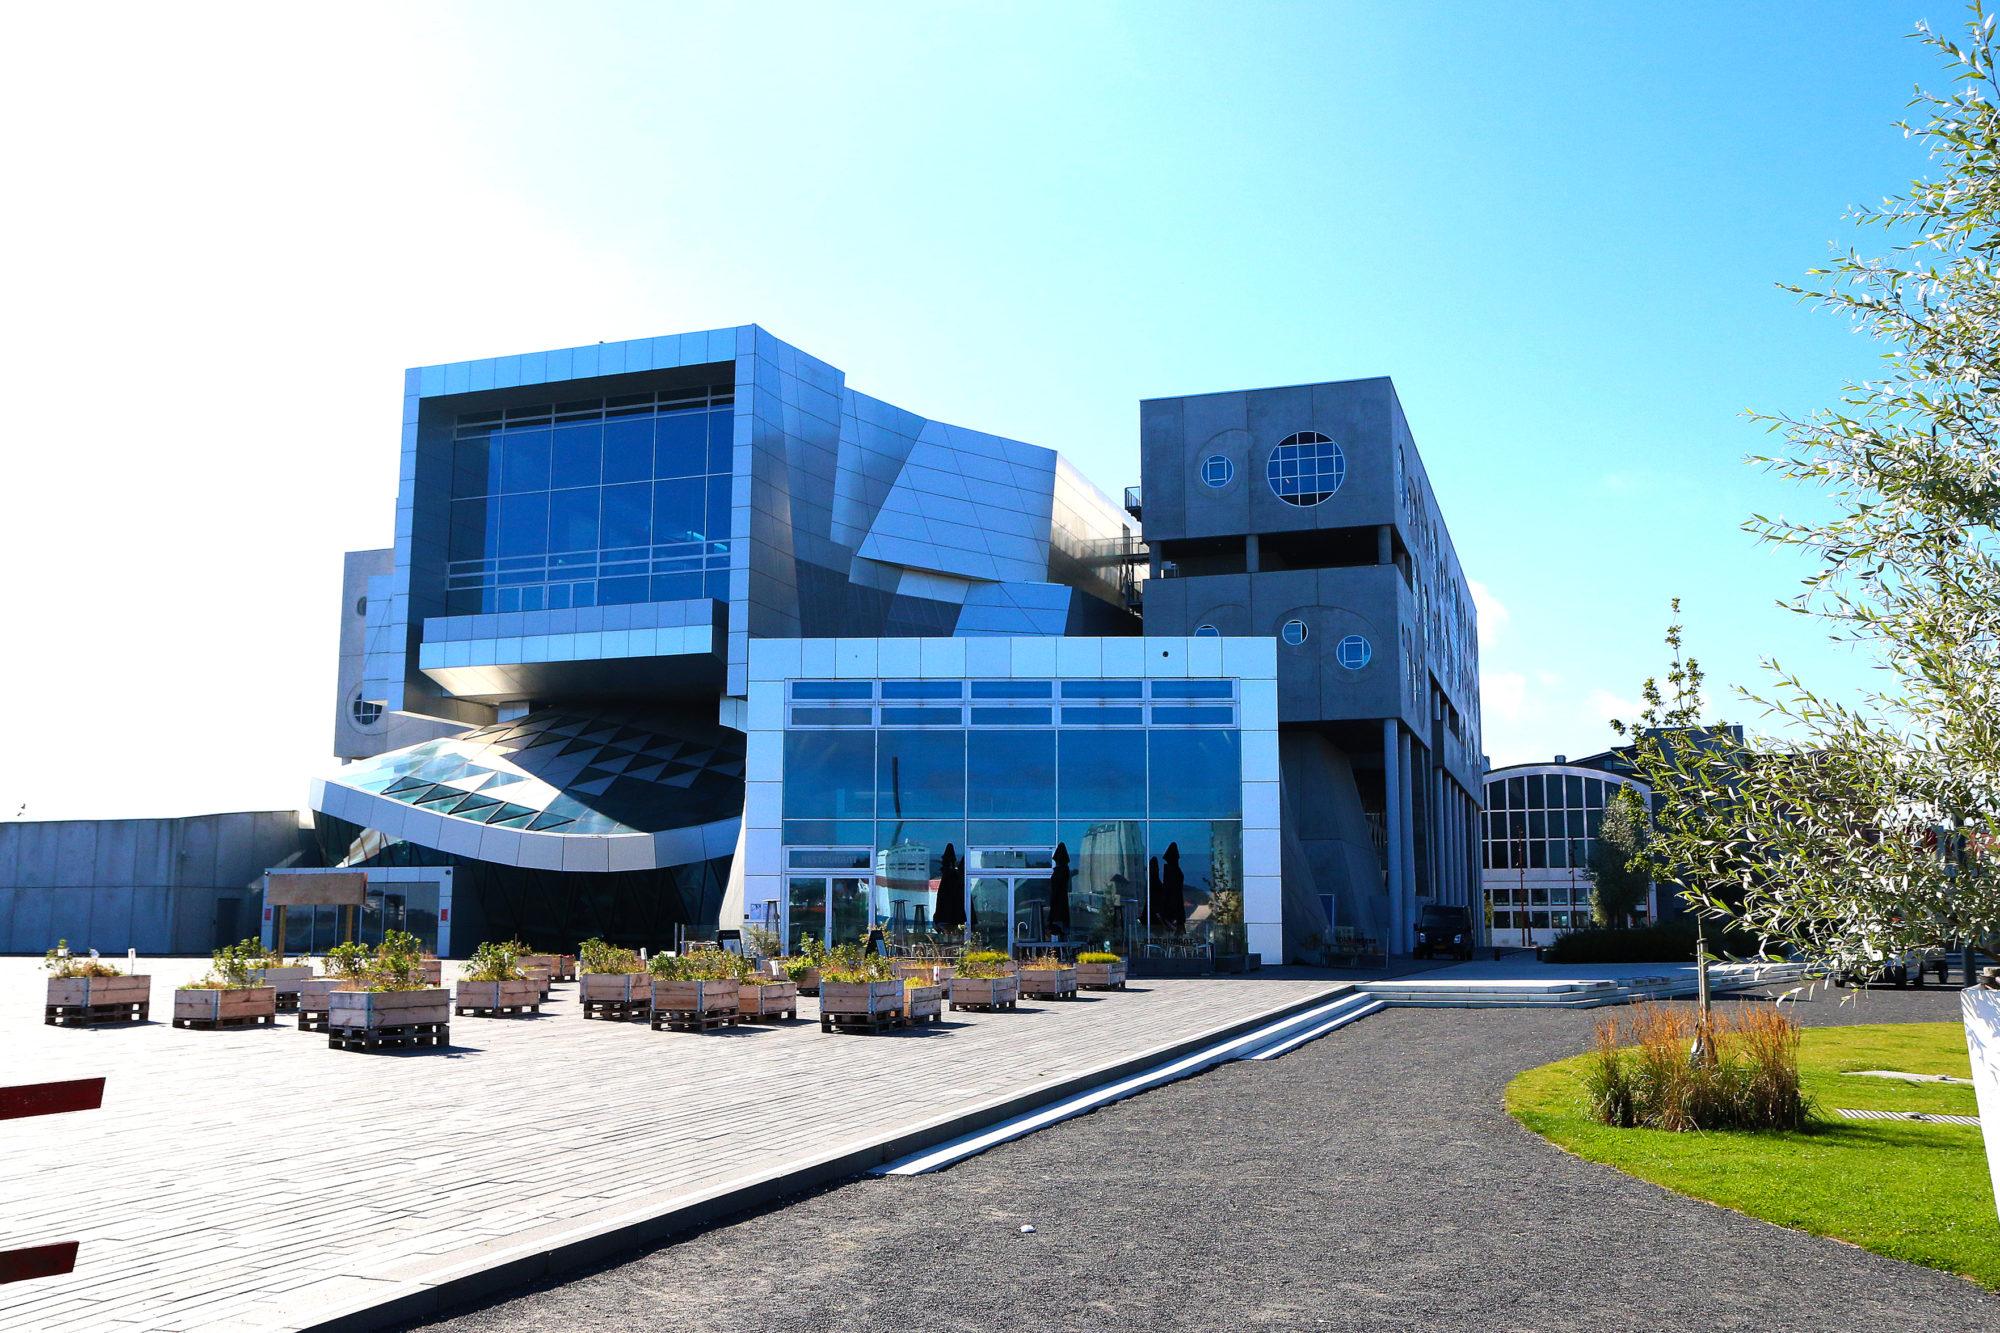 Signalbygg. Ved havnefronten, med utsikt over Limfjorden, ligger Musikkens Hus - det musikalske samlingspunktet og en arkitektonisk perle, tegnet av det anerkjente arkitektfirmaet Coop Himmelb(l)au. Huset består av mer enn 20.000 m2, fordelt på ni plan med bl.a. fire konsertsaler, fem scener, en lekker restaurant, en spennende foajé, samt undervisnings- og administrasjonsfaciliteter. Foto: Fjord Line